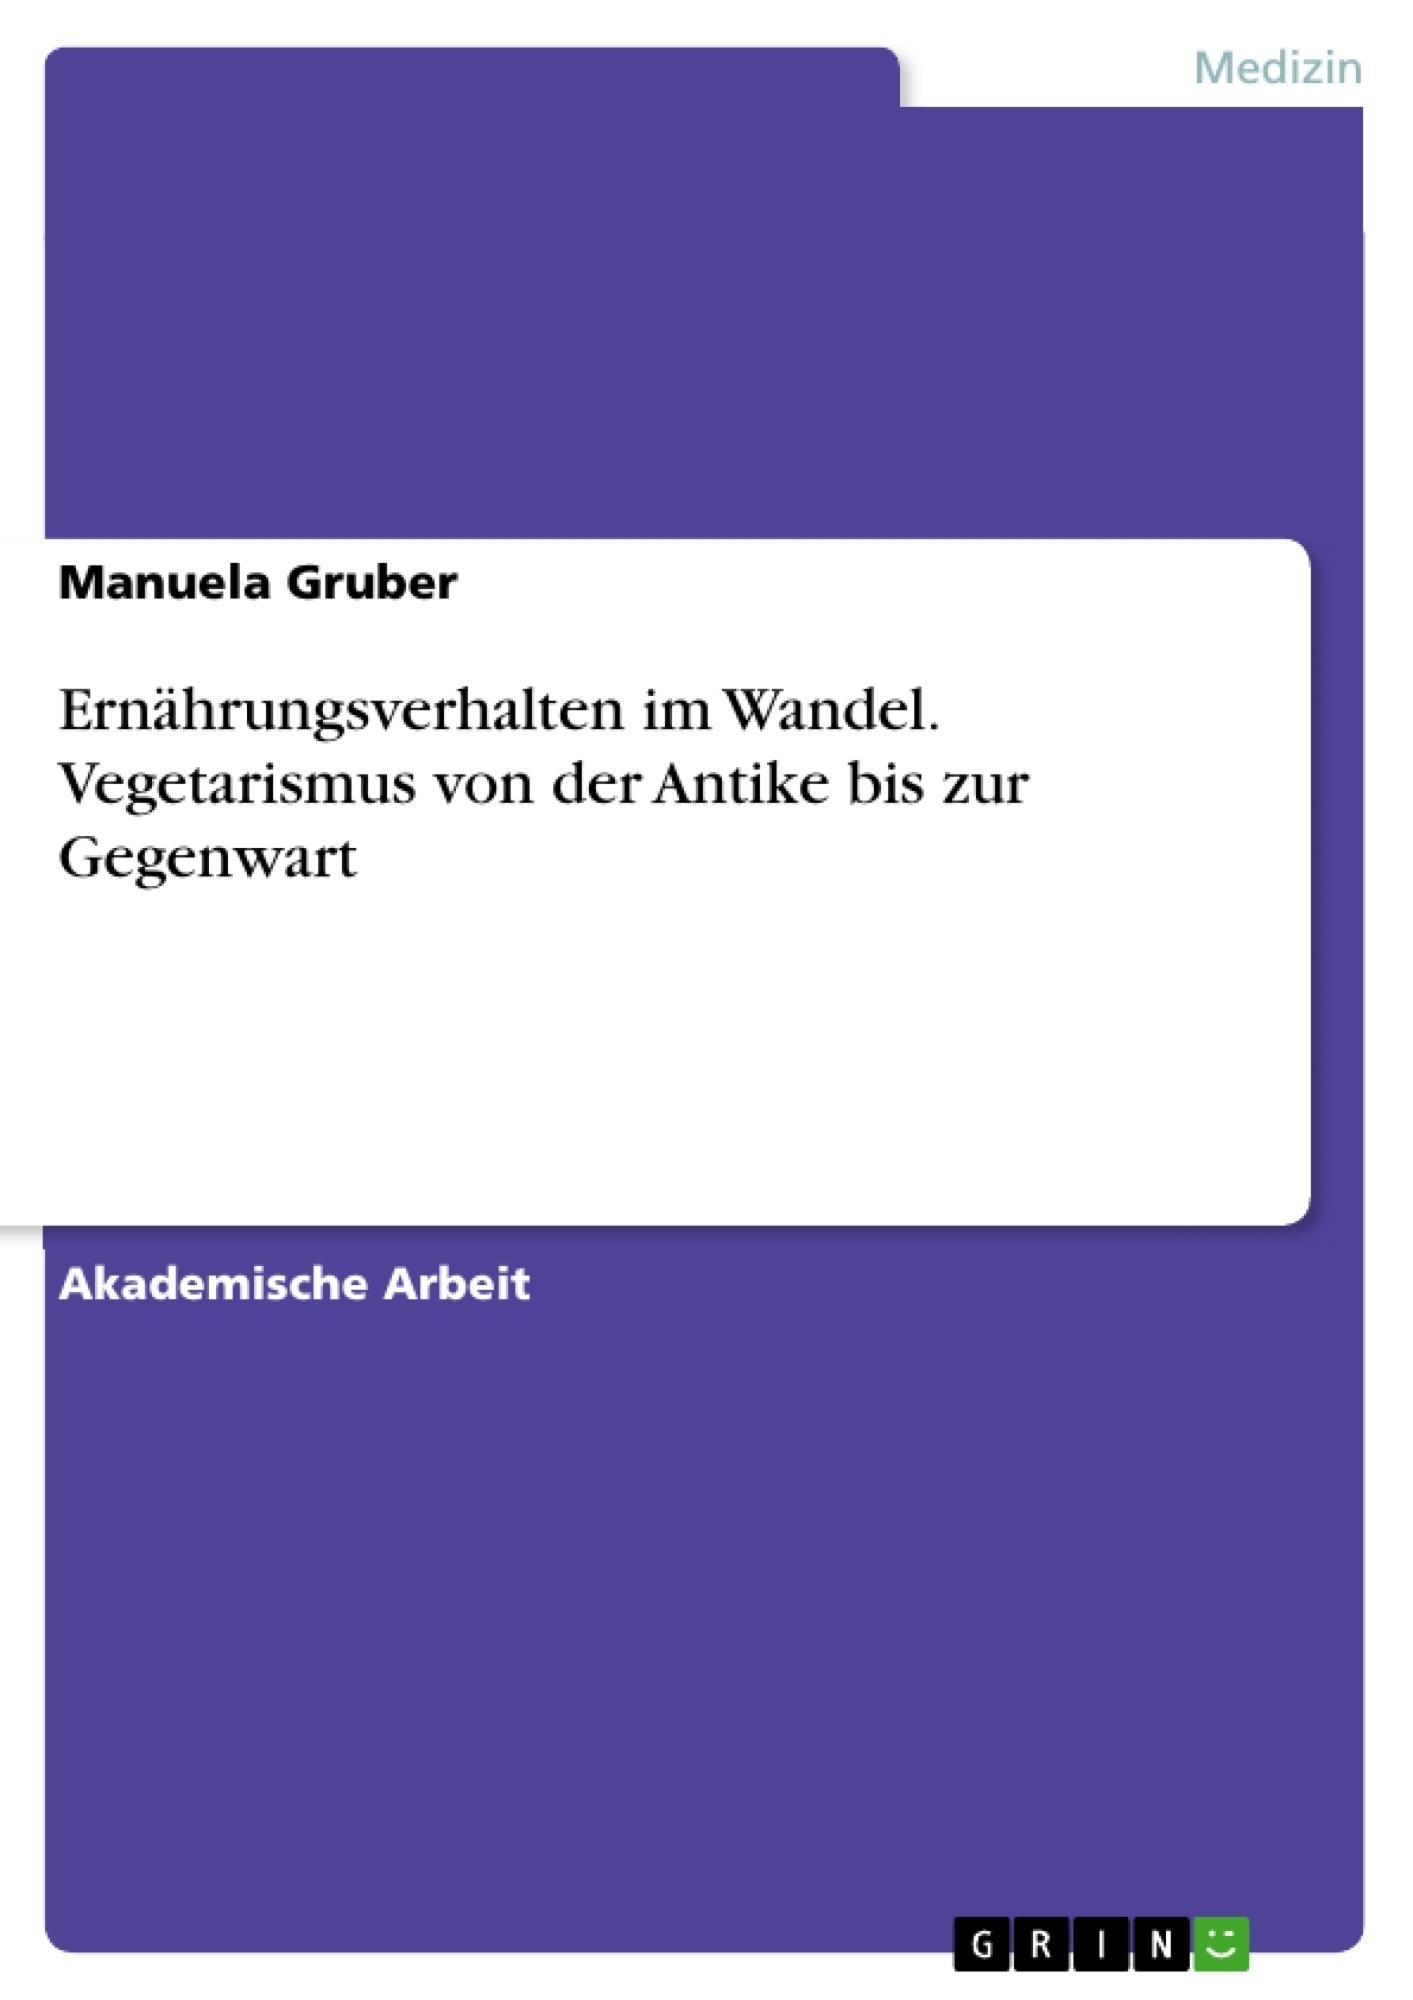 Titel: Ernährungsverhalten im Wandel. Vegetarismus von der Antike bis zur Gegenwart